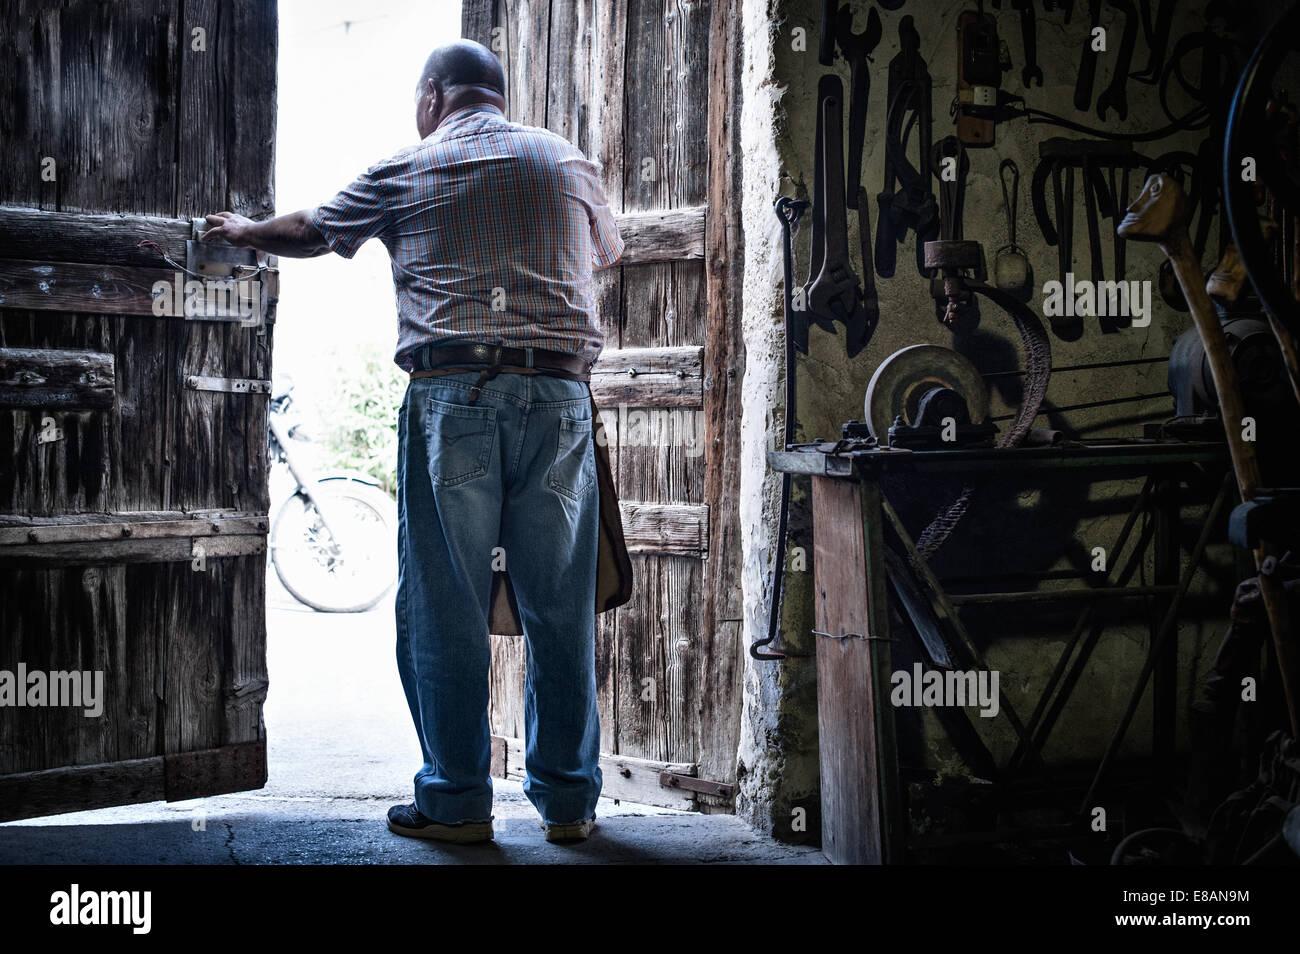 Vista trasera del macho senior herrero en abrir las puertas del granero tradicional, Cagliari, Cerdeña, Italia Imagen De Stock